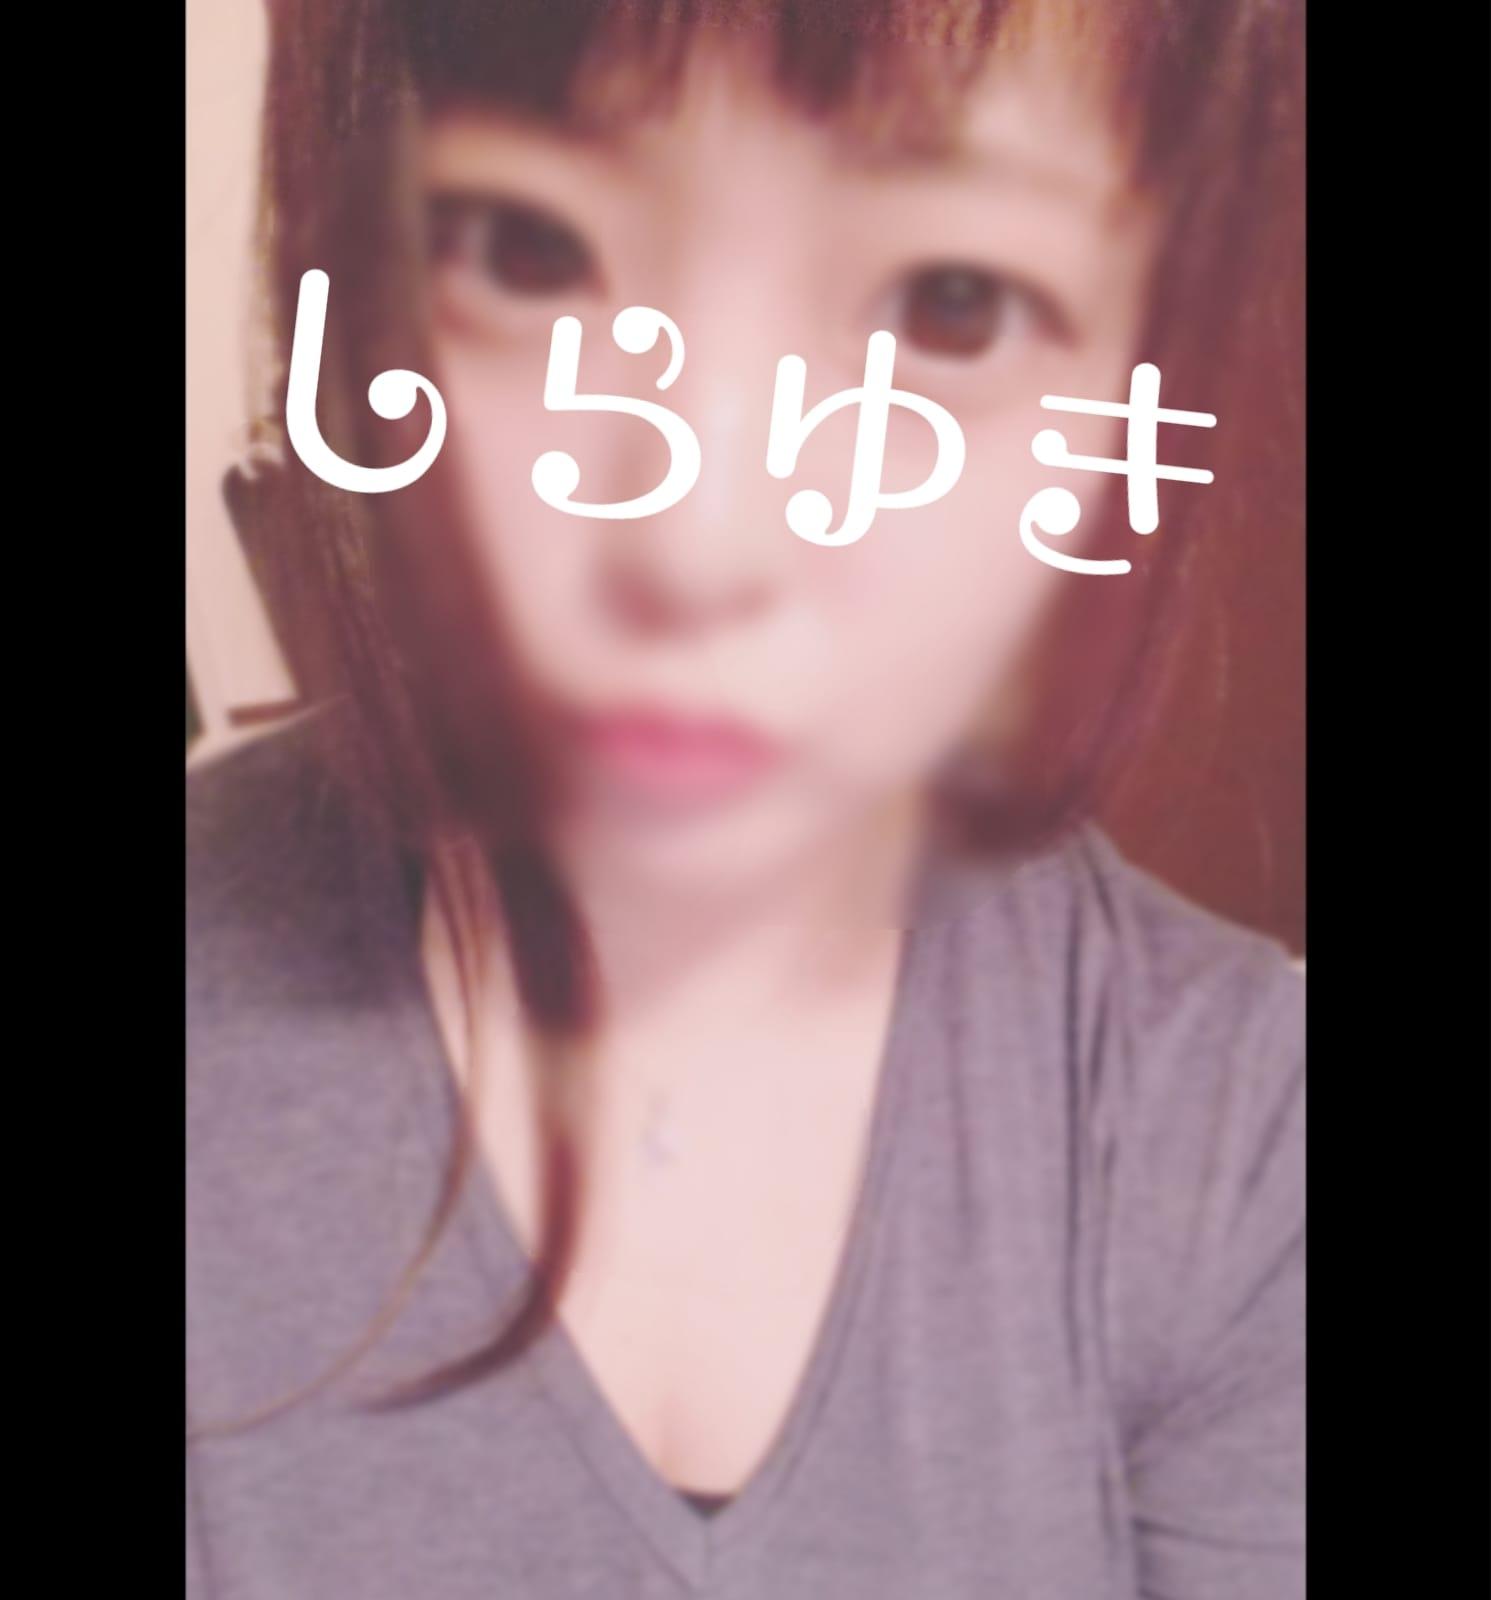 「出勤してます✋」04/15(04/15) 12:17 | しらゆきの写メ・風俗動画